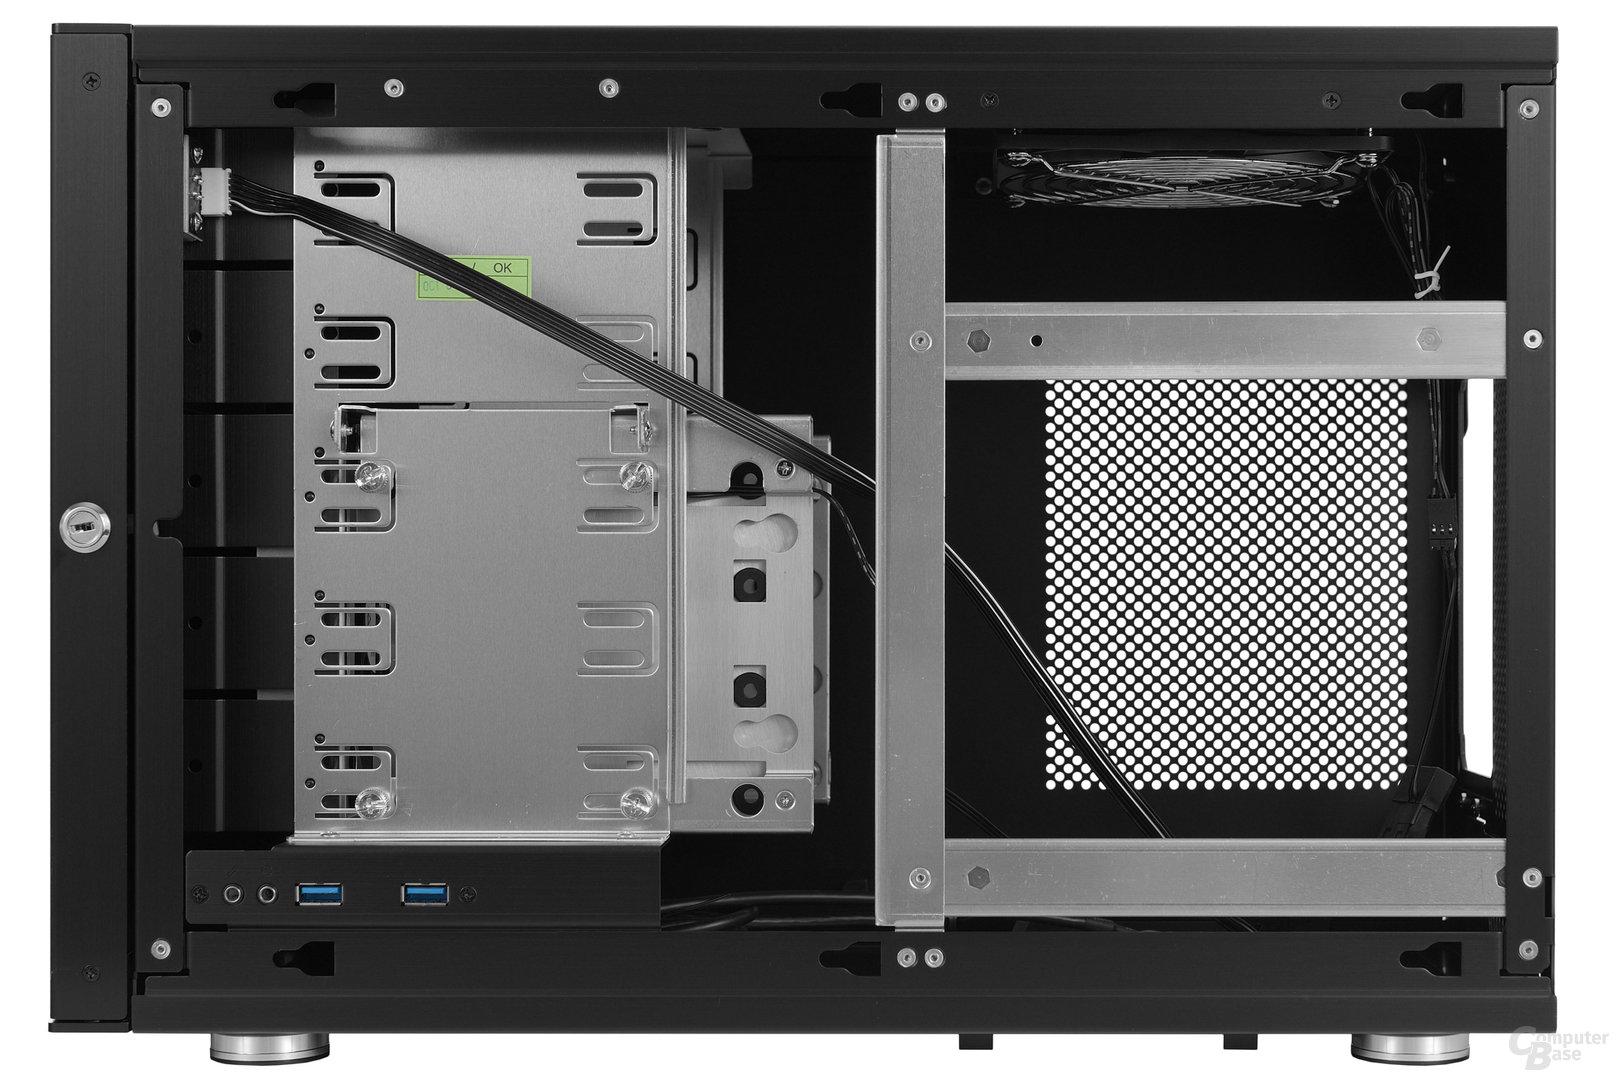 Lian Li PC-Q35 - Innenraumansicht Rückseite